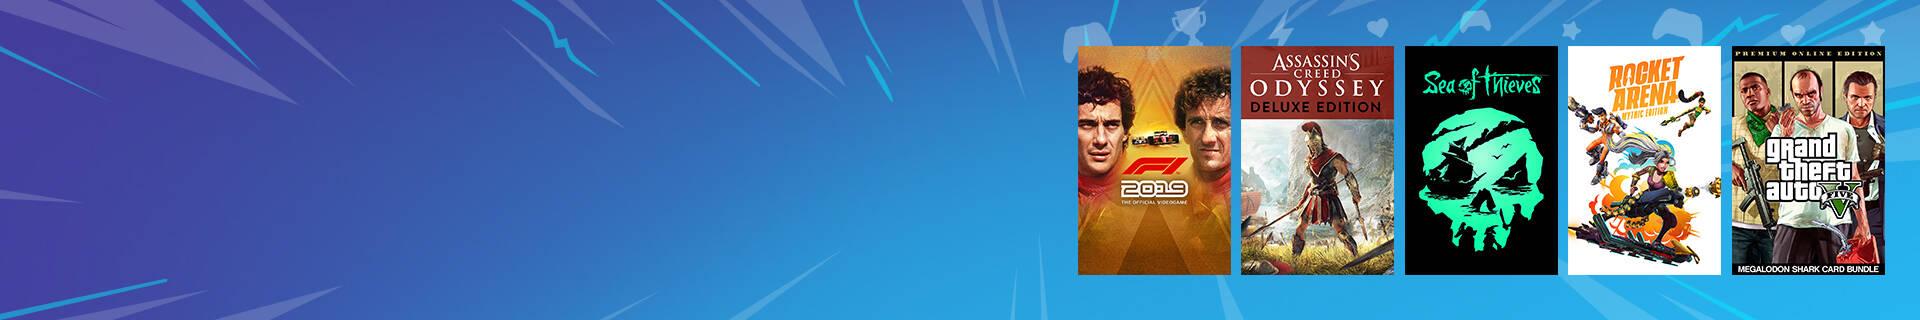 banner promo giochi xbox gamescom